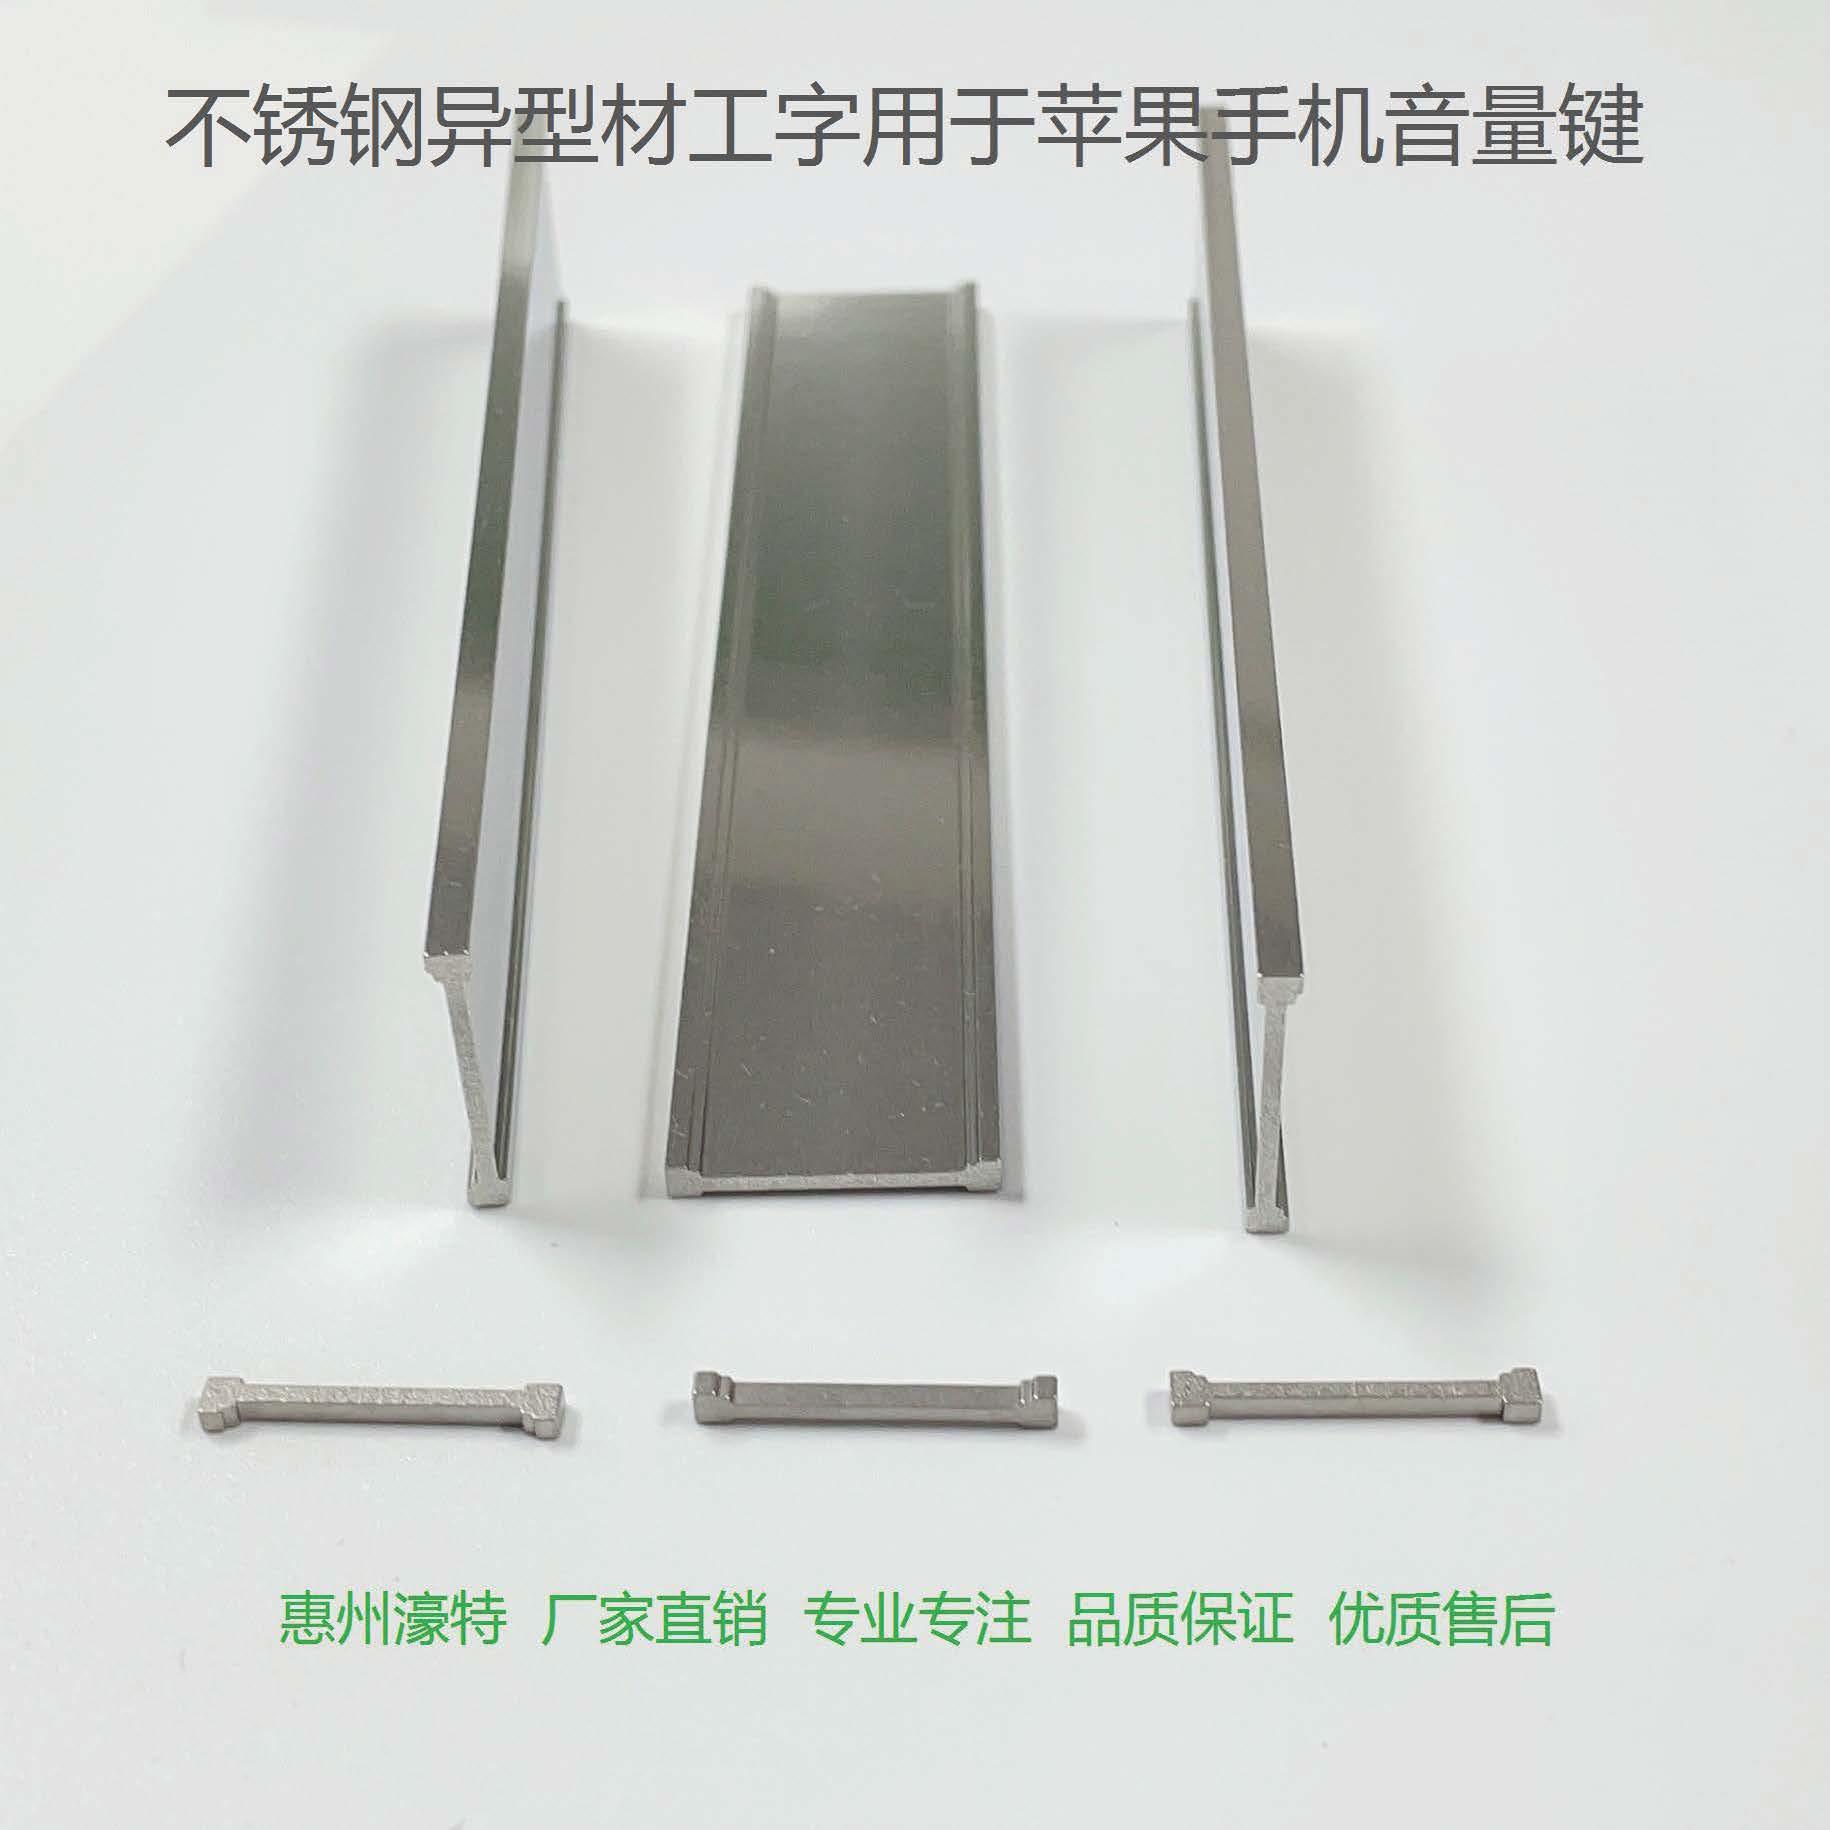 不銹鋼金屬異型材